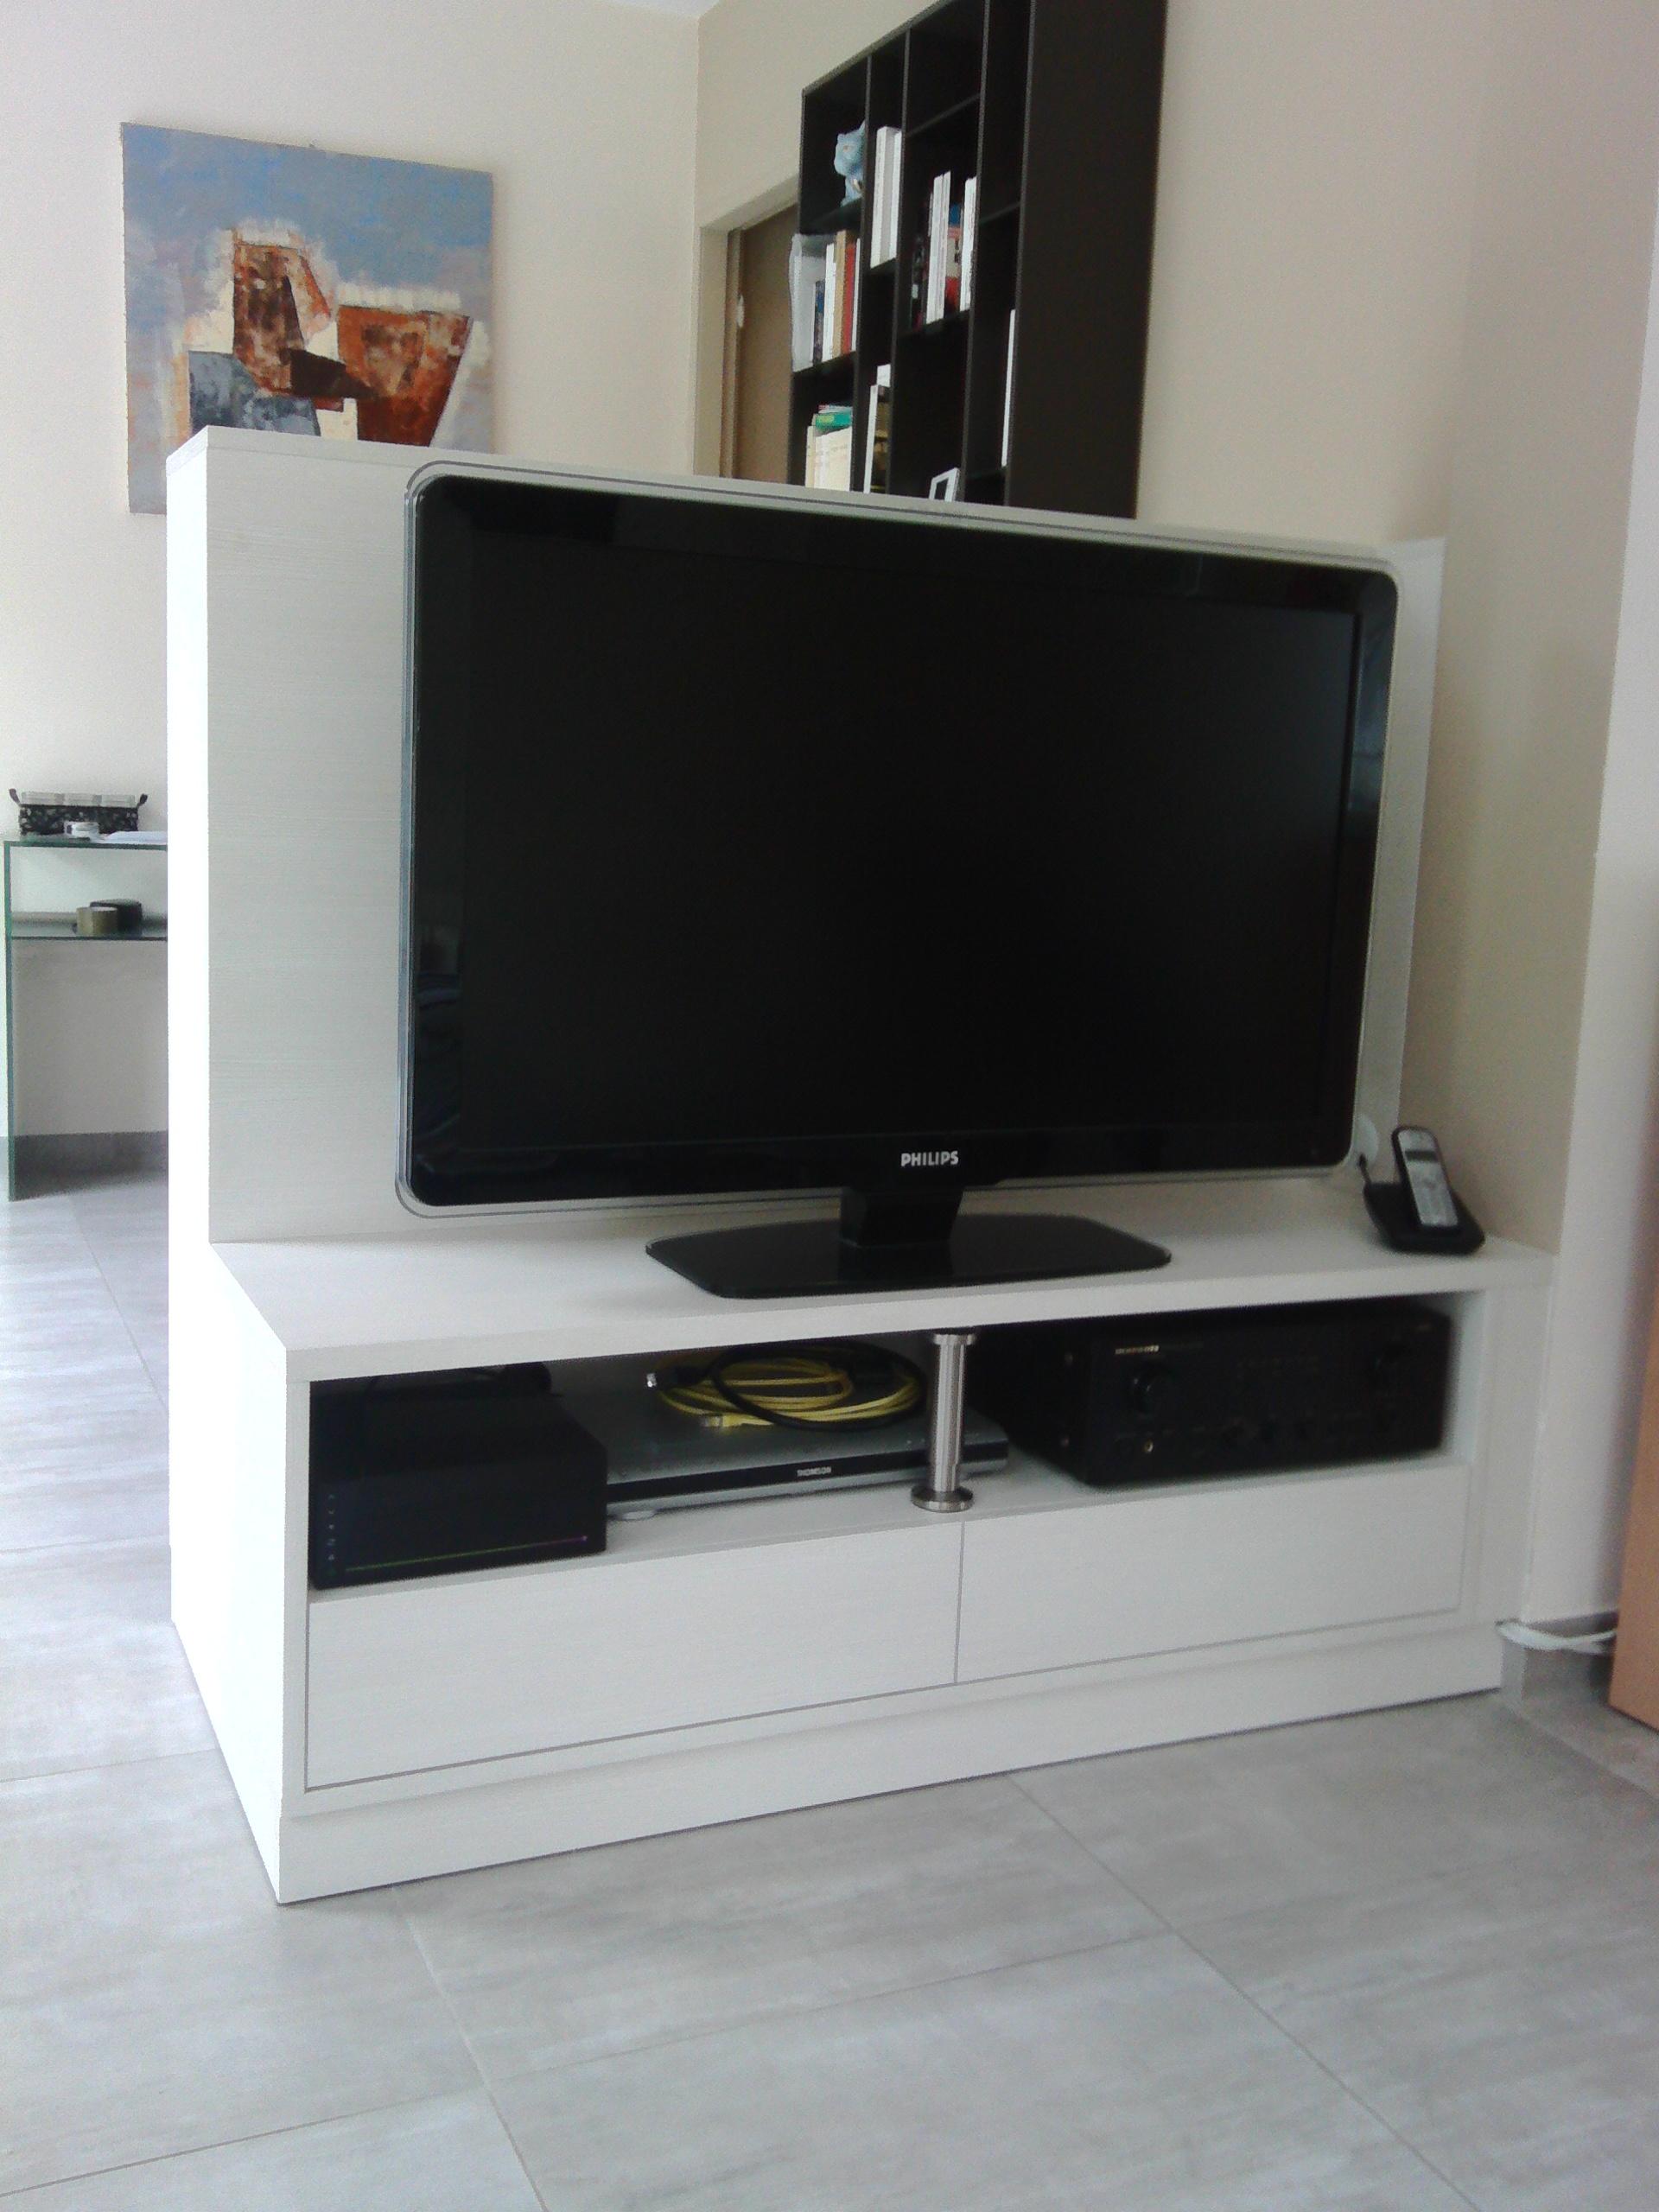 Meuble TV En Sparation De Pices Le Kiosque Amenagement